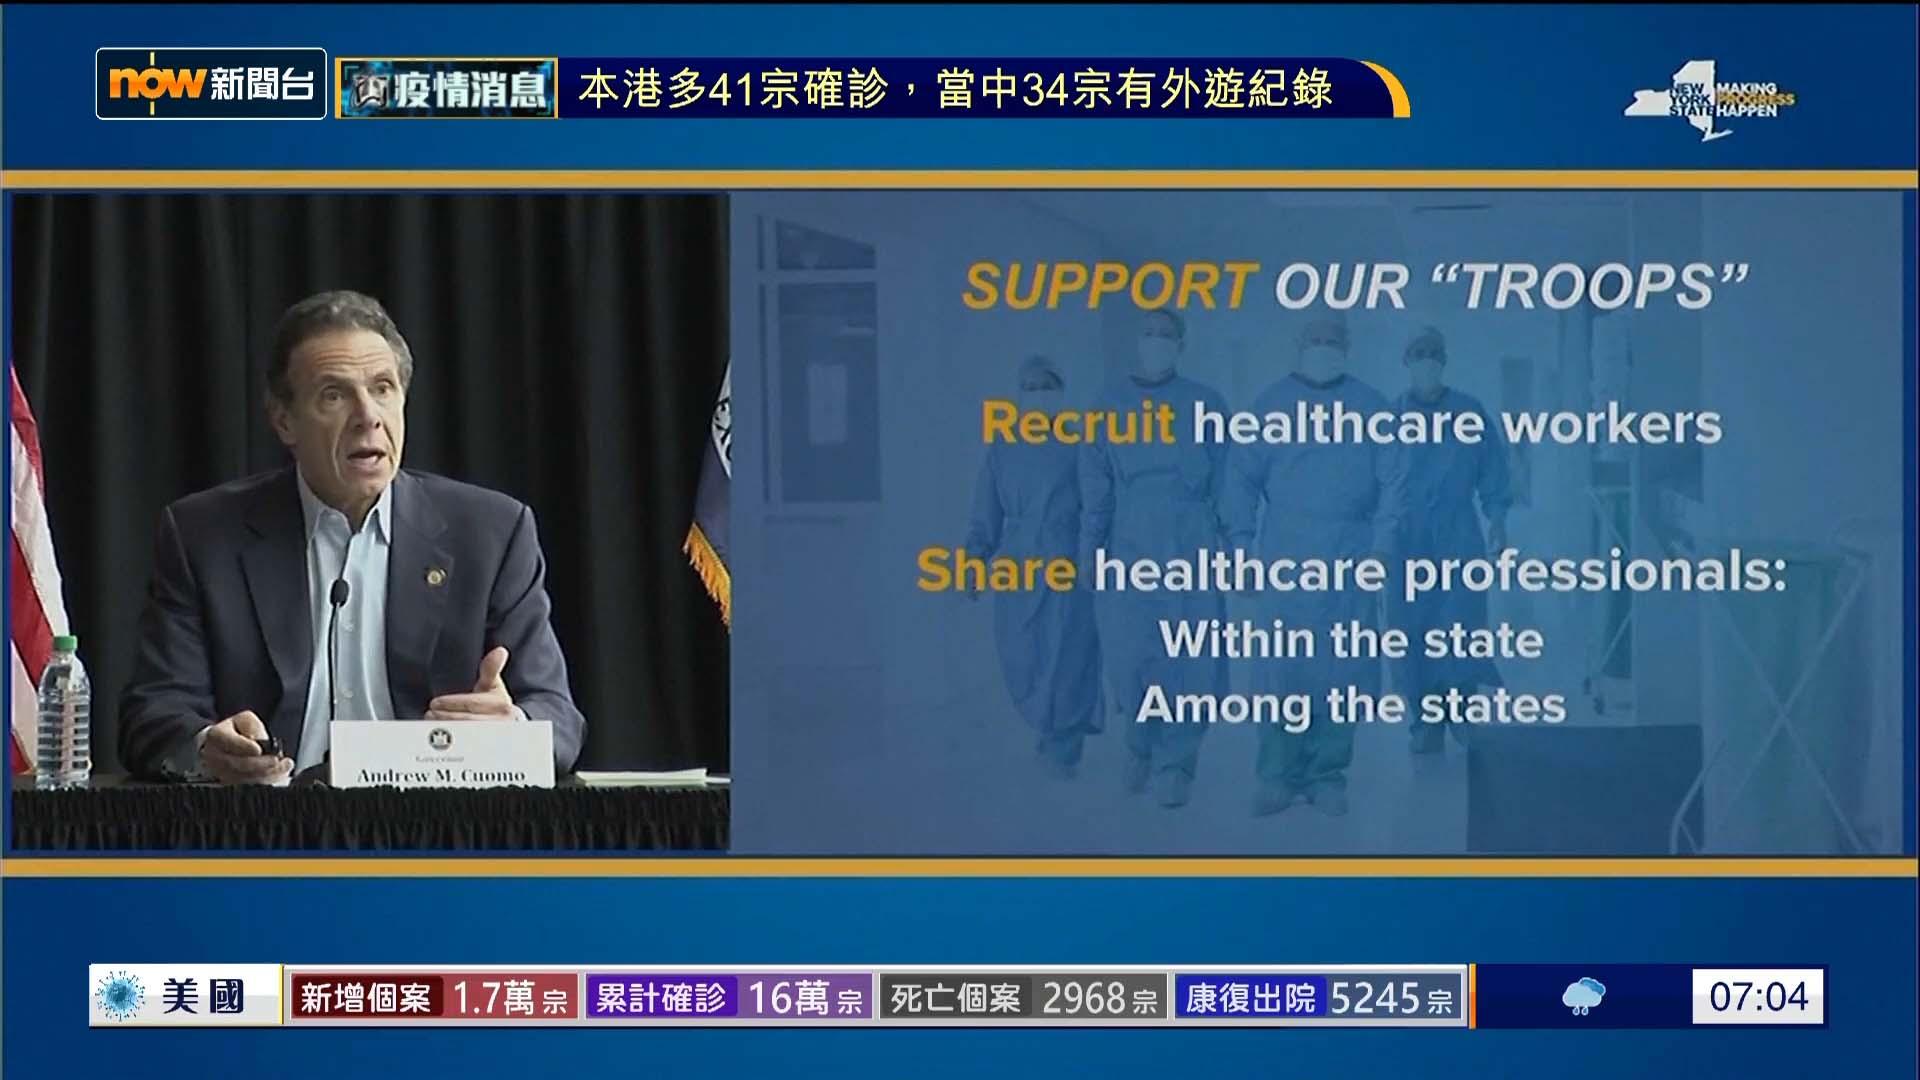 紐約州疫情嚴峻 州長籲全國醫護人員到當地支援